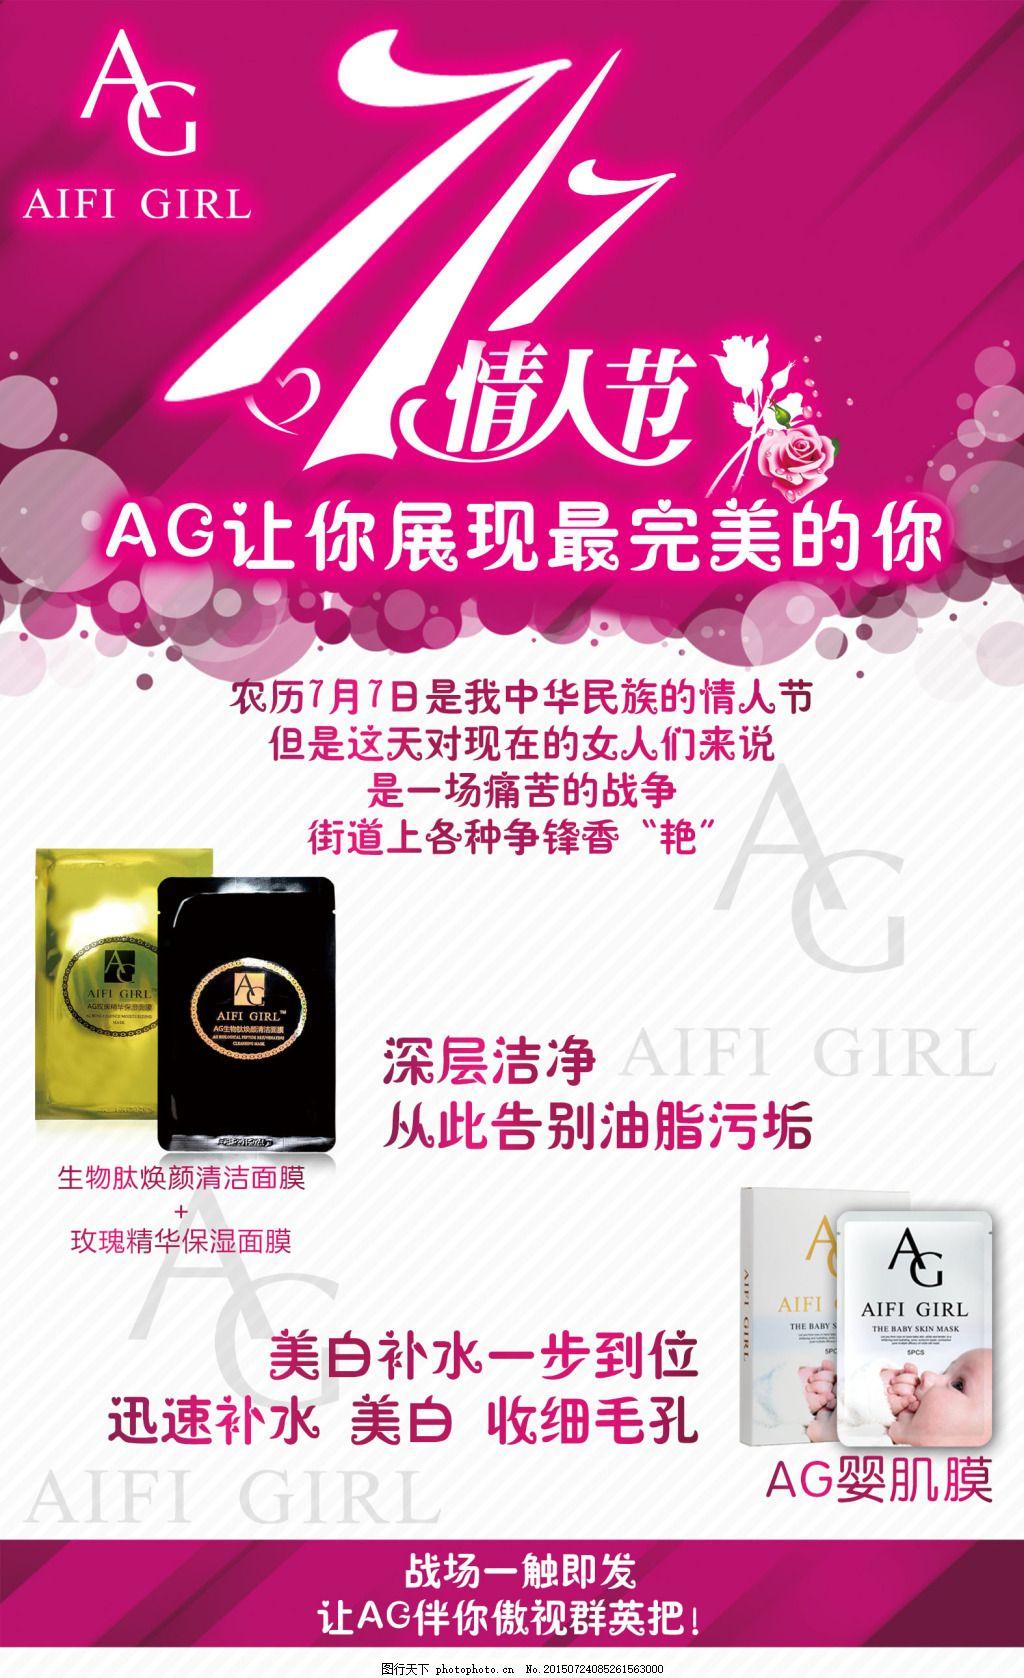 七夕情人节活动海报 面膜 粉色 白色图片